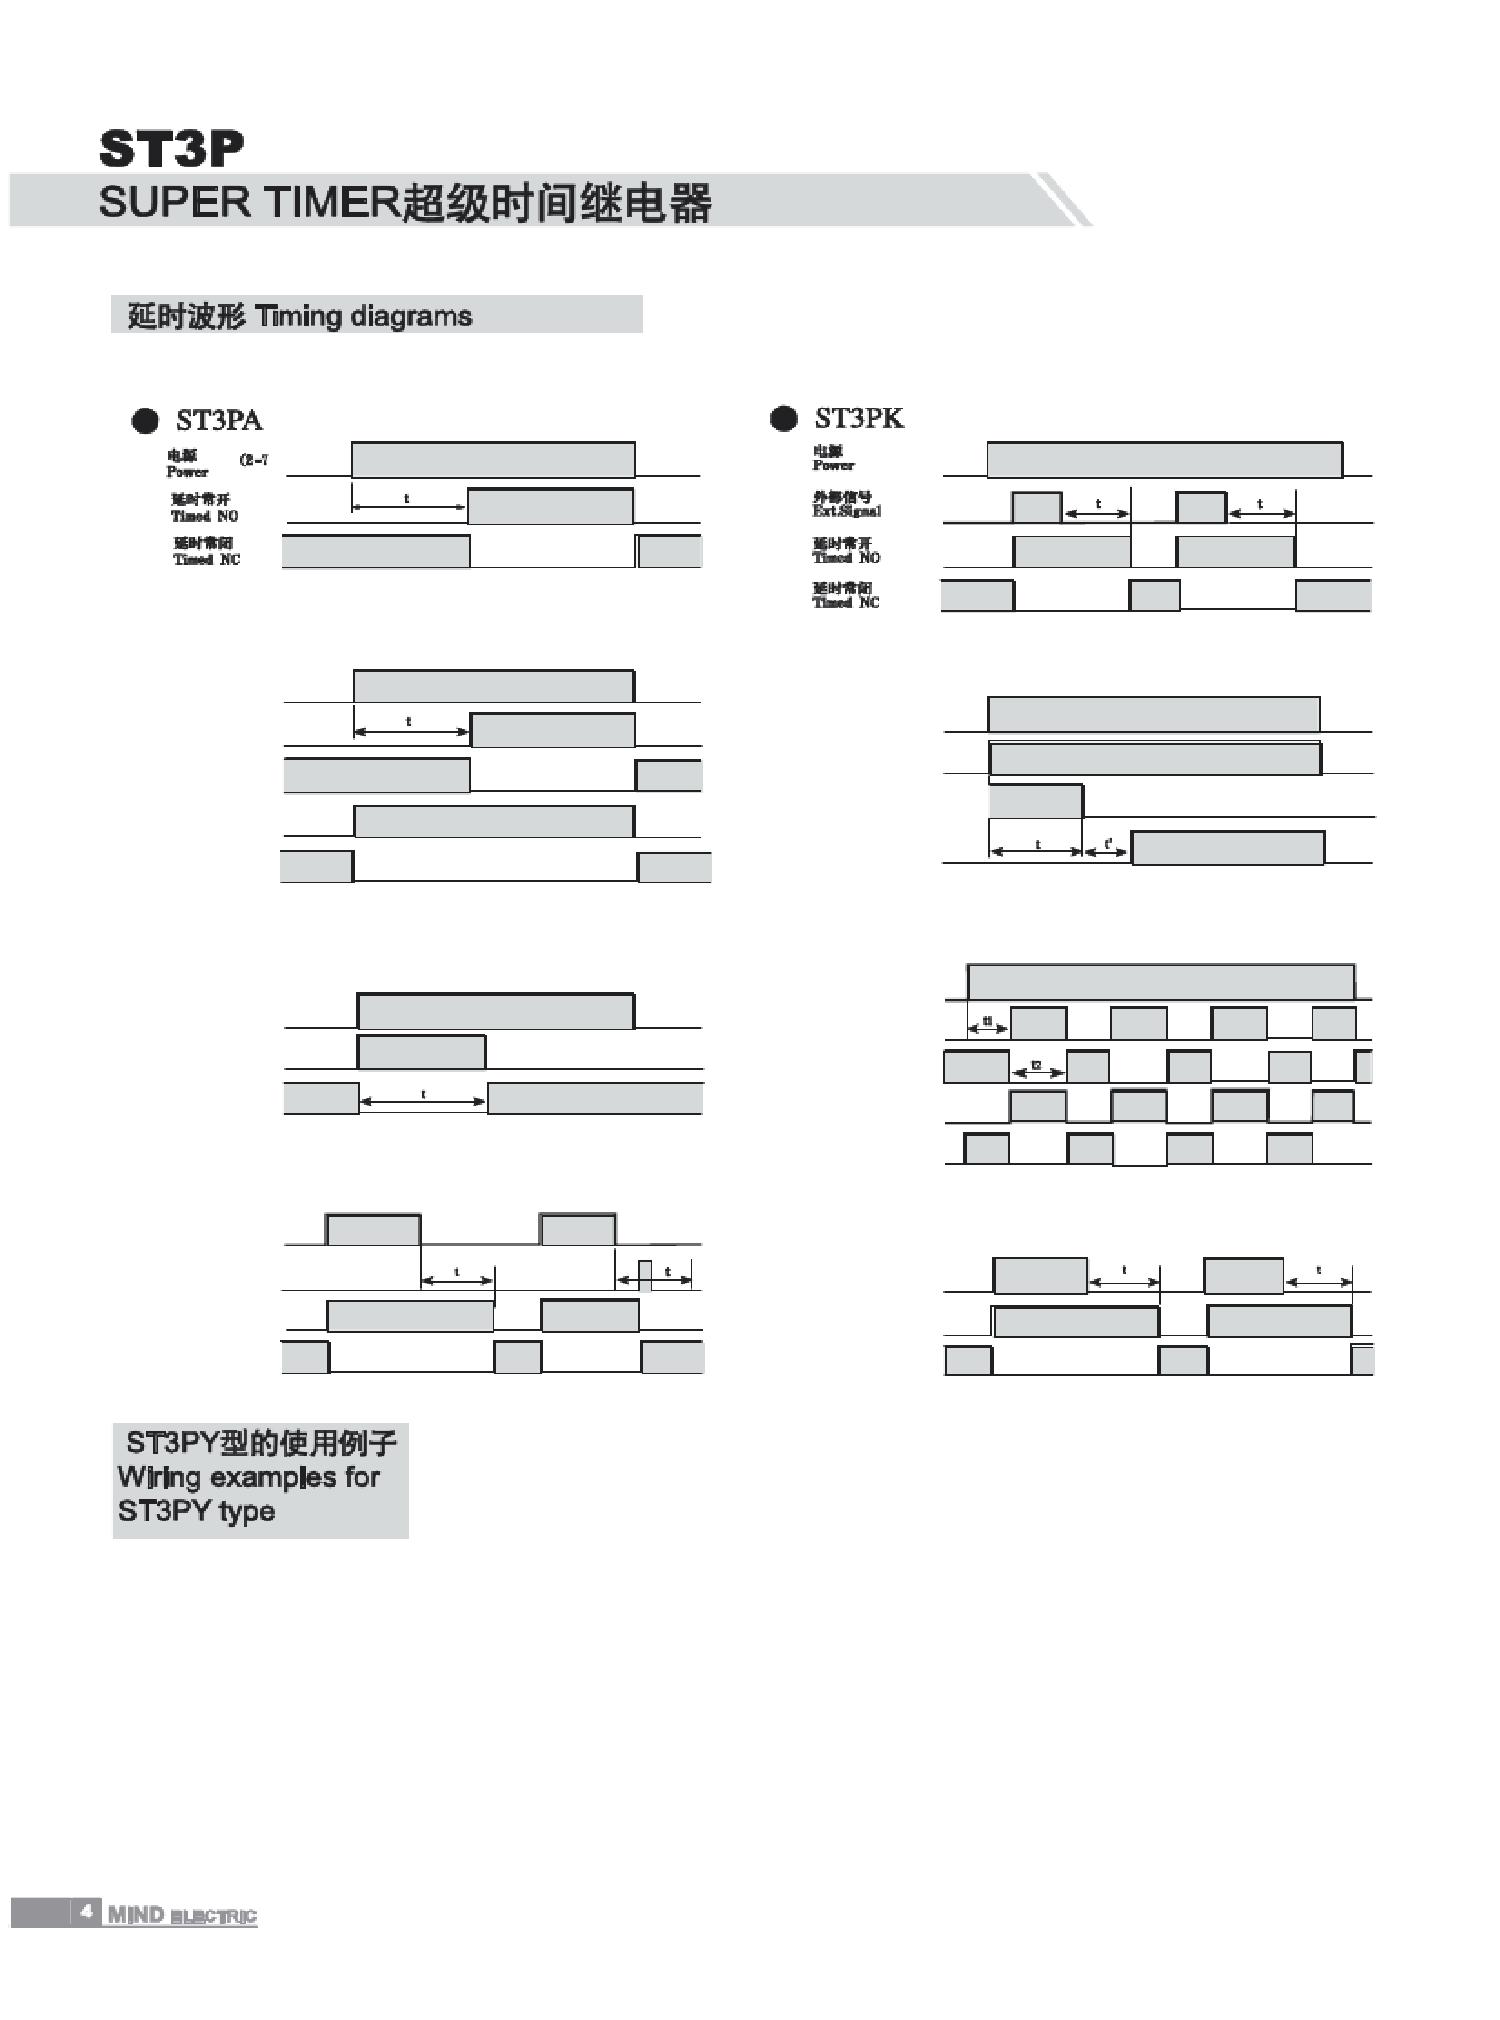 明达时间继电器st6p-4n 新型单档式 通电延时4转换 延时范围为0.